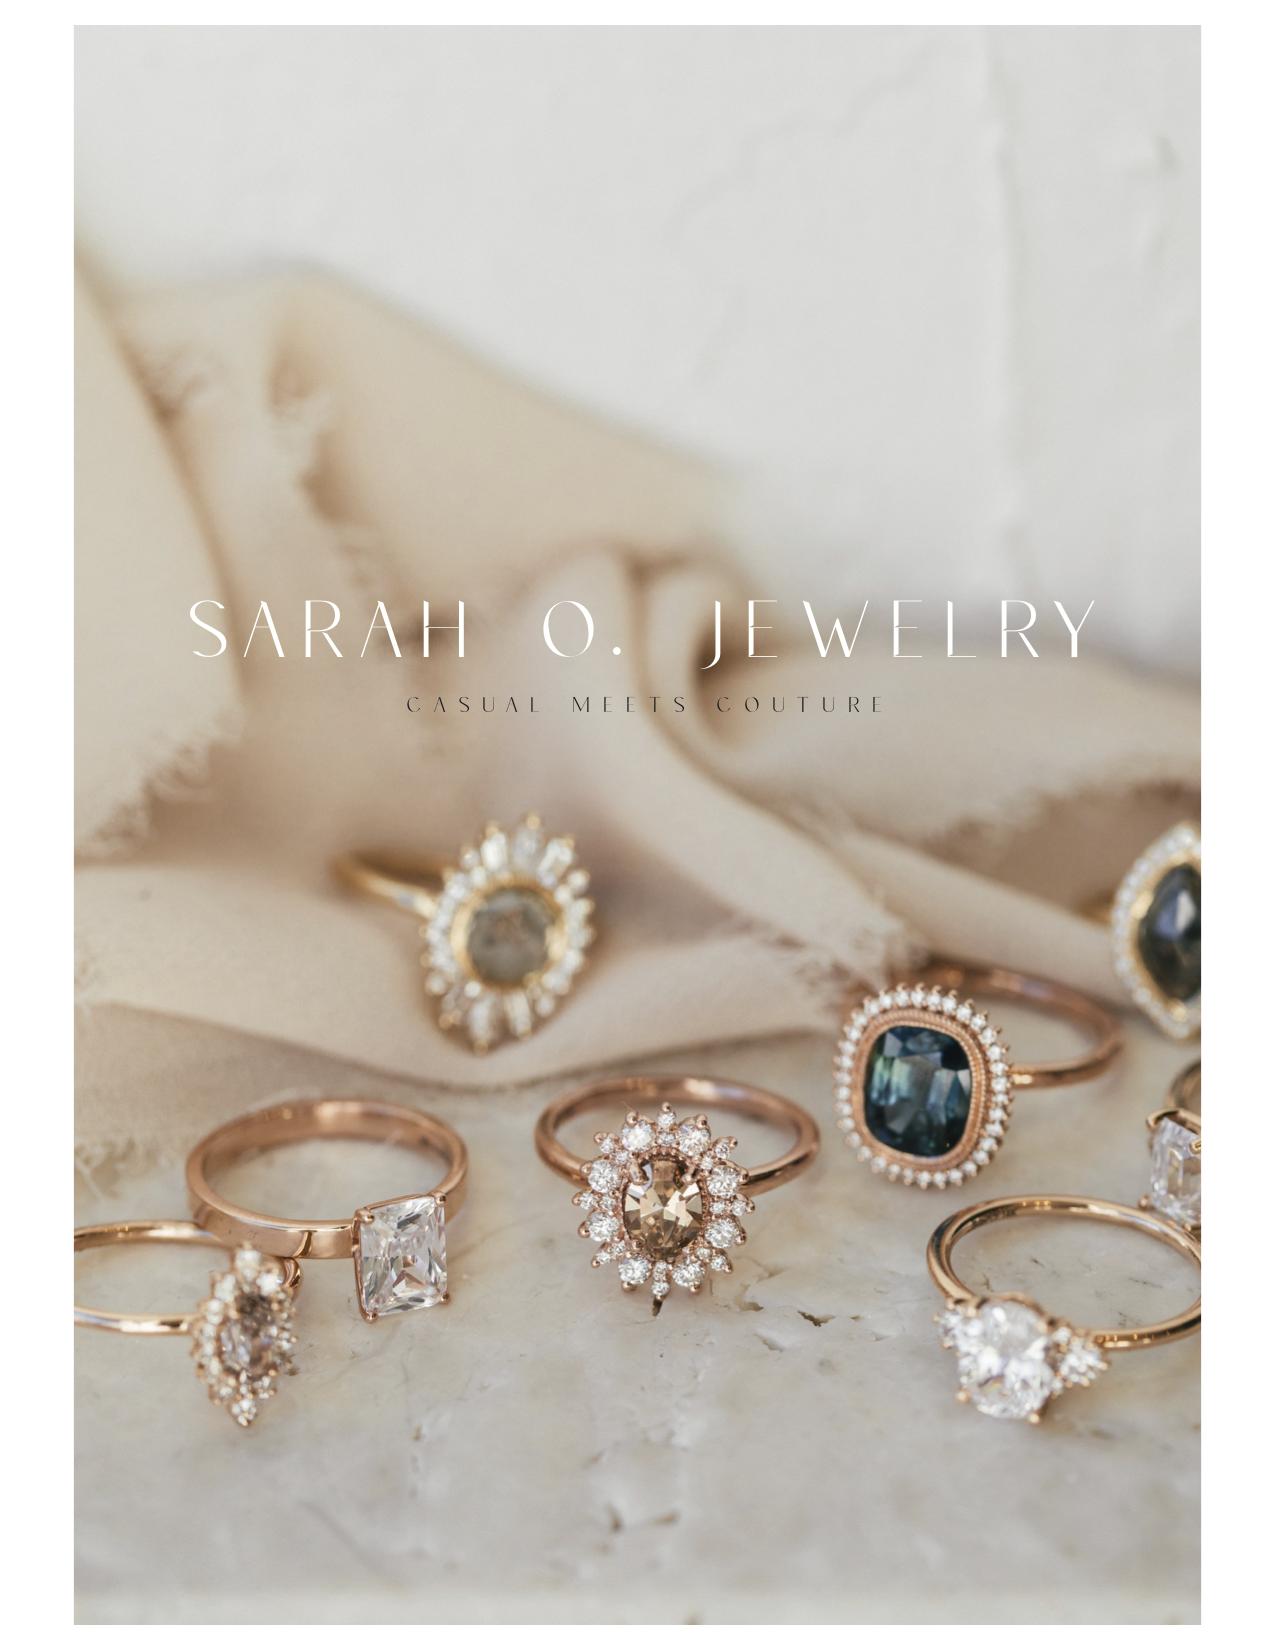 Sarah O. 2020 Brand Lookbook Cover